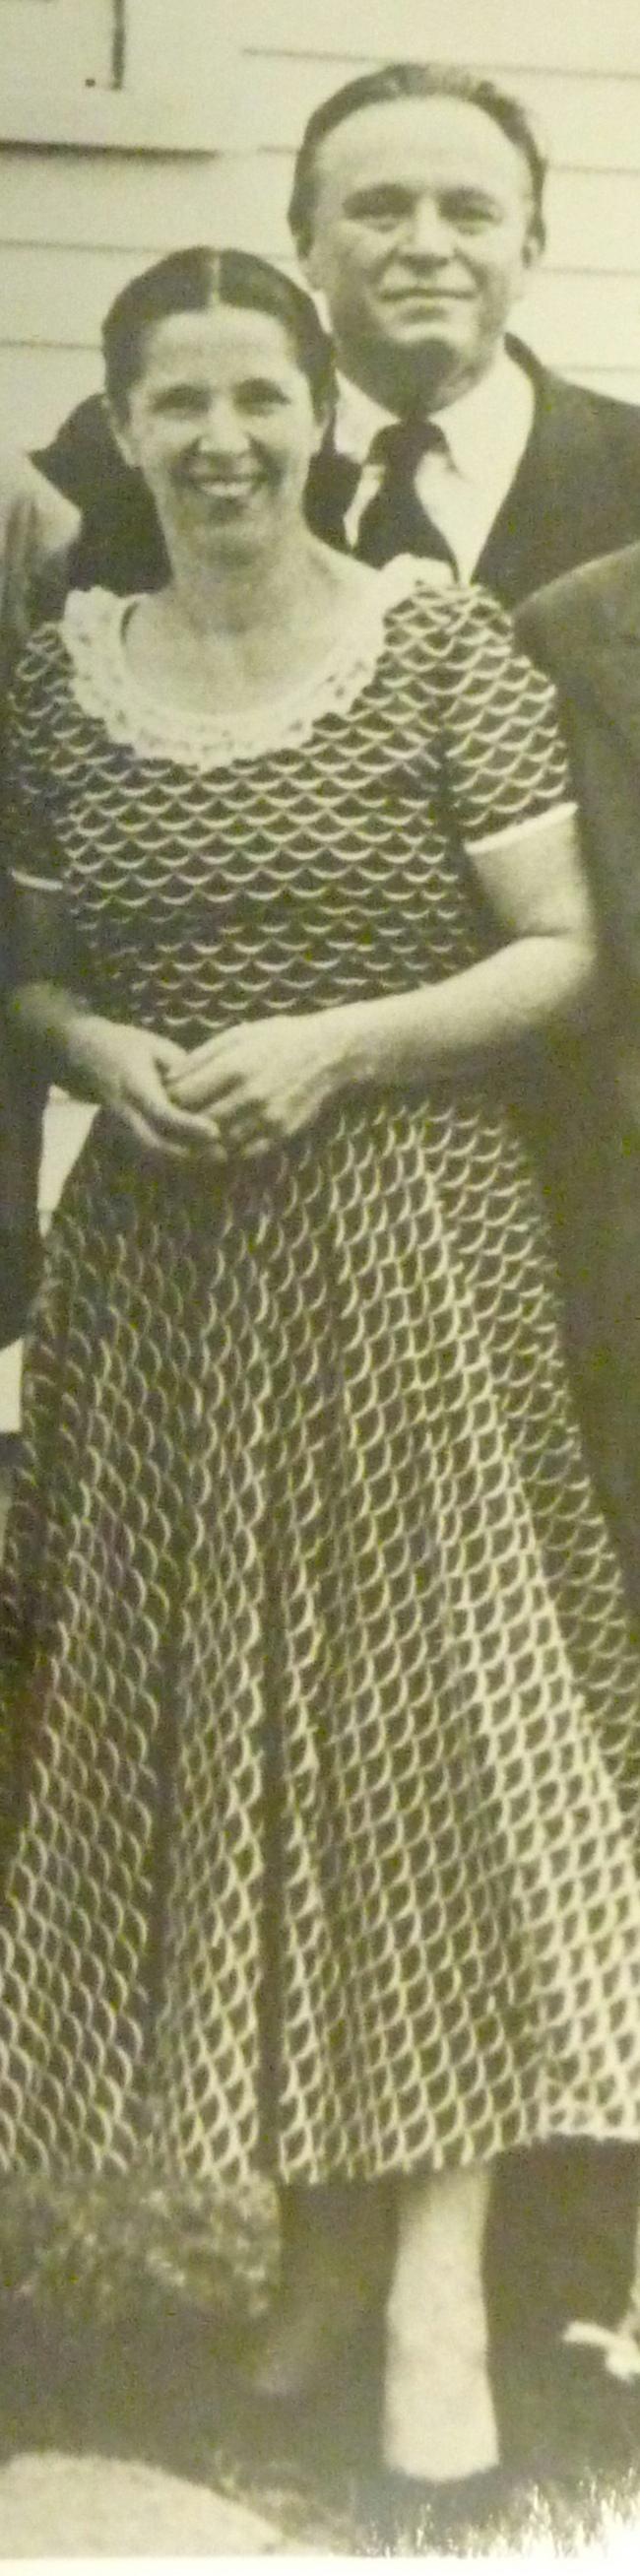 Blanche HONEGGER, dérrière elle Adolf BUSCH, années 1950, Cliquer sur la photo pour une vue agrandie et quelques infos